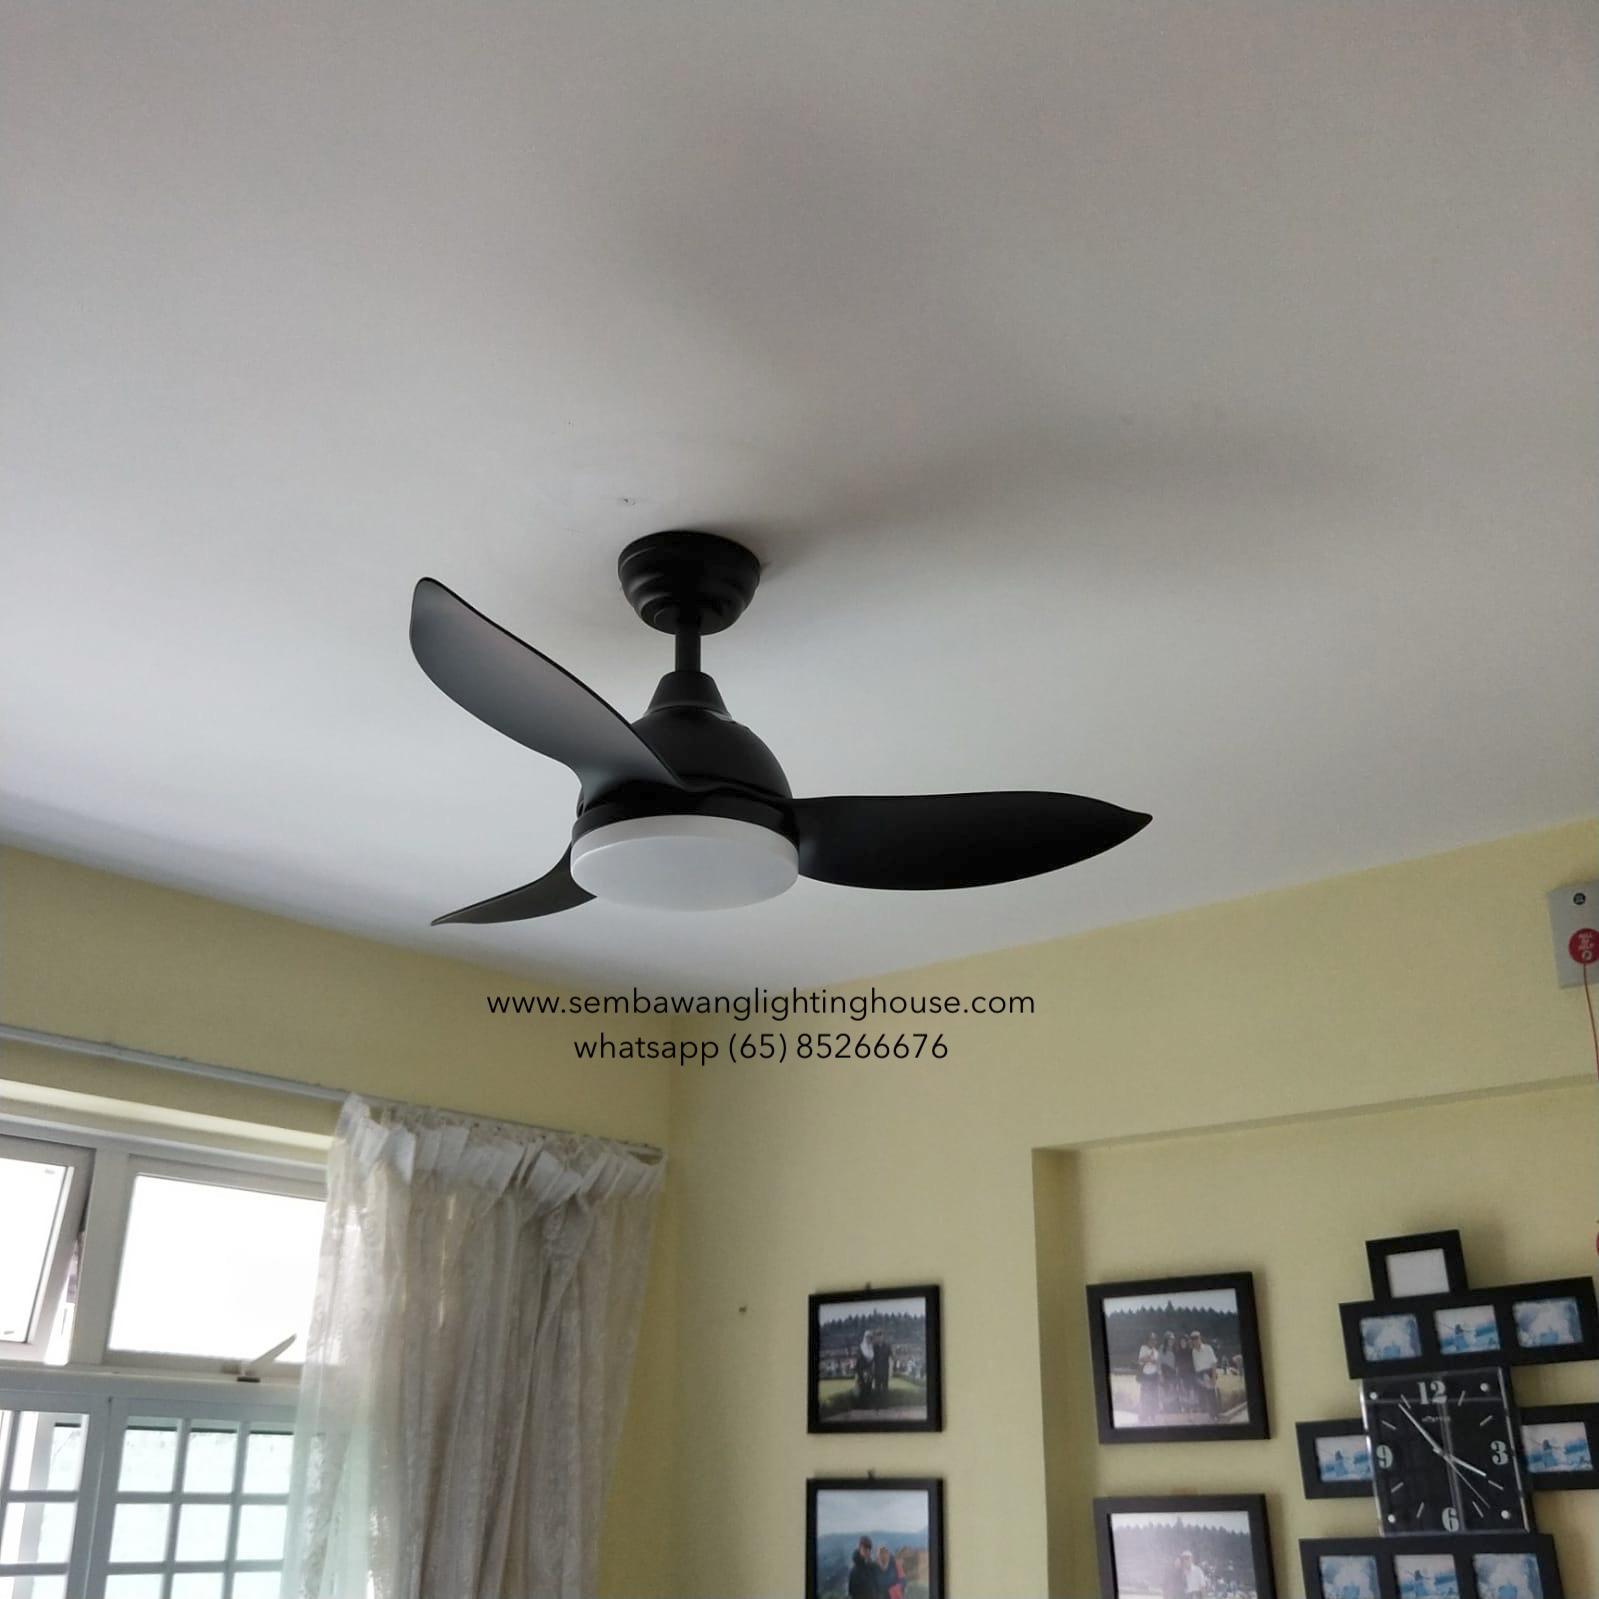 bestar-raptor-black-ceiling-fan-with-light-sembawang-lighting-house-10.jpg